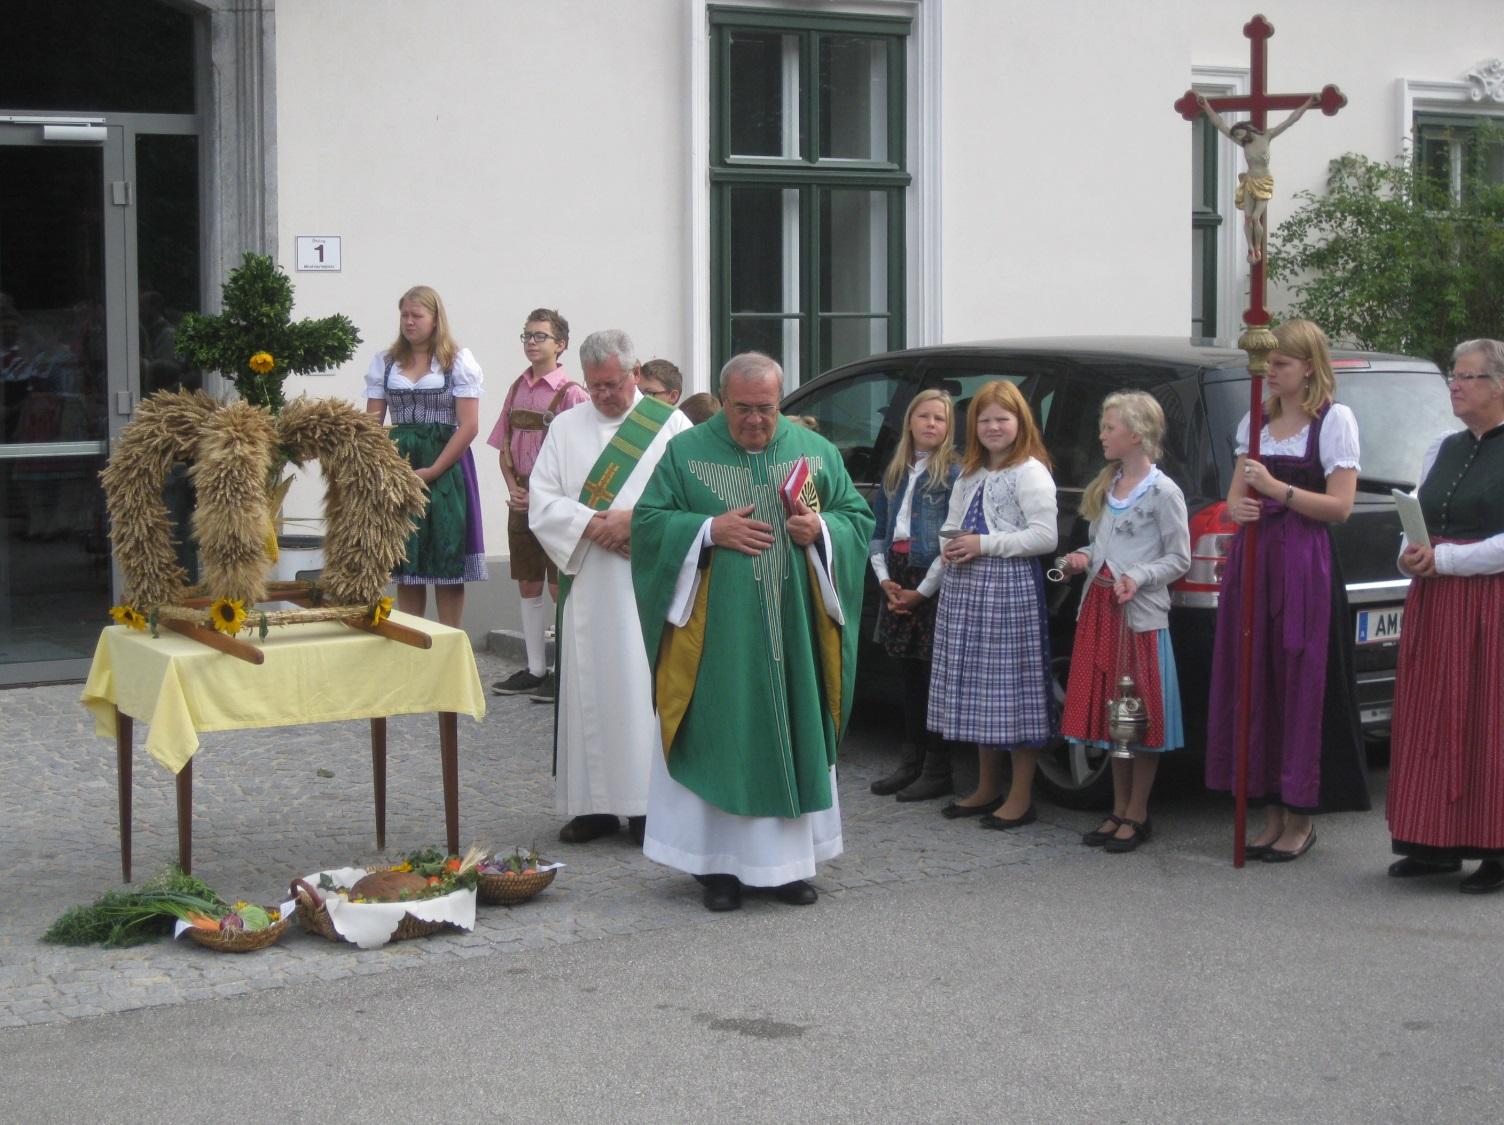 C:\Users\Ertl\Pictures\2013 09-010 Birnenfest,Wachau,Haus,Erntedank,Chorfeier\IMG_4497.JPG